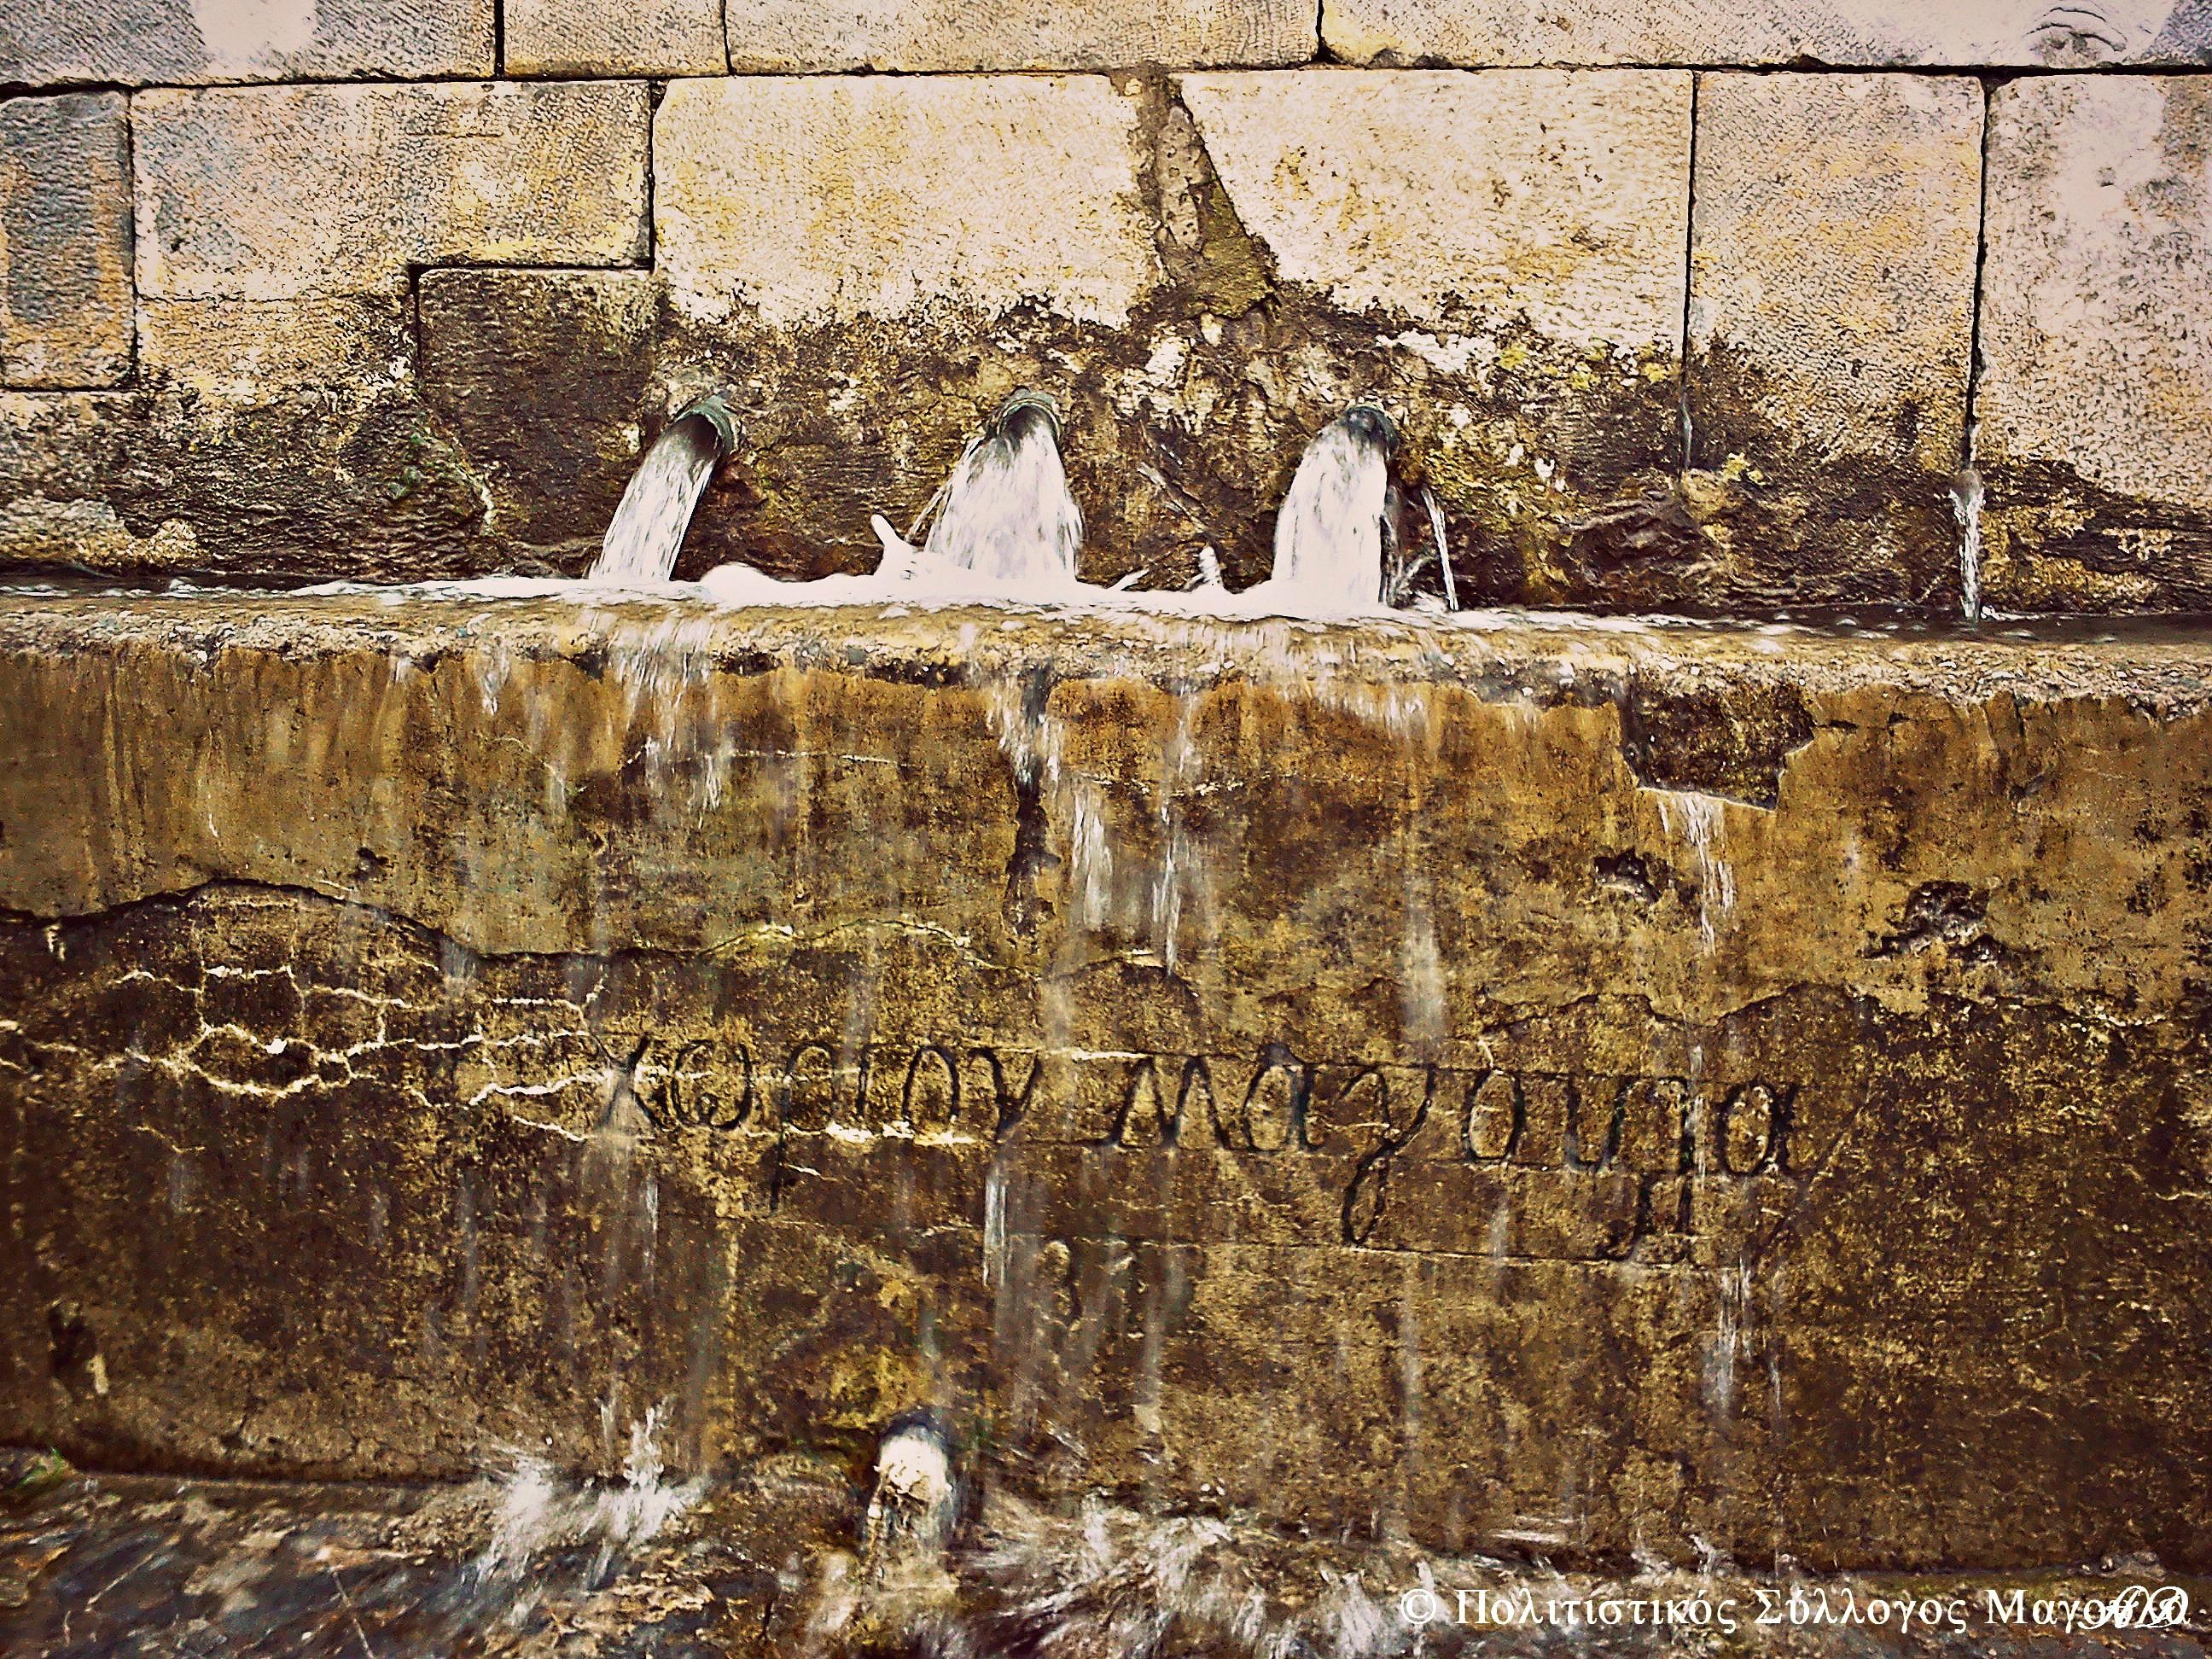 Πέτρινη επιγραφή στη γούρνα της Μεγάλης Βρύσης που αναγράφει -Χωριον Μαγουλα 1931-